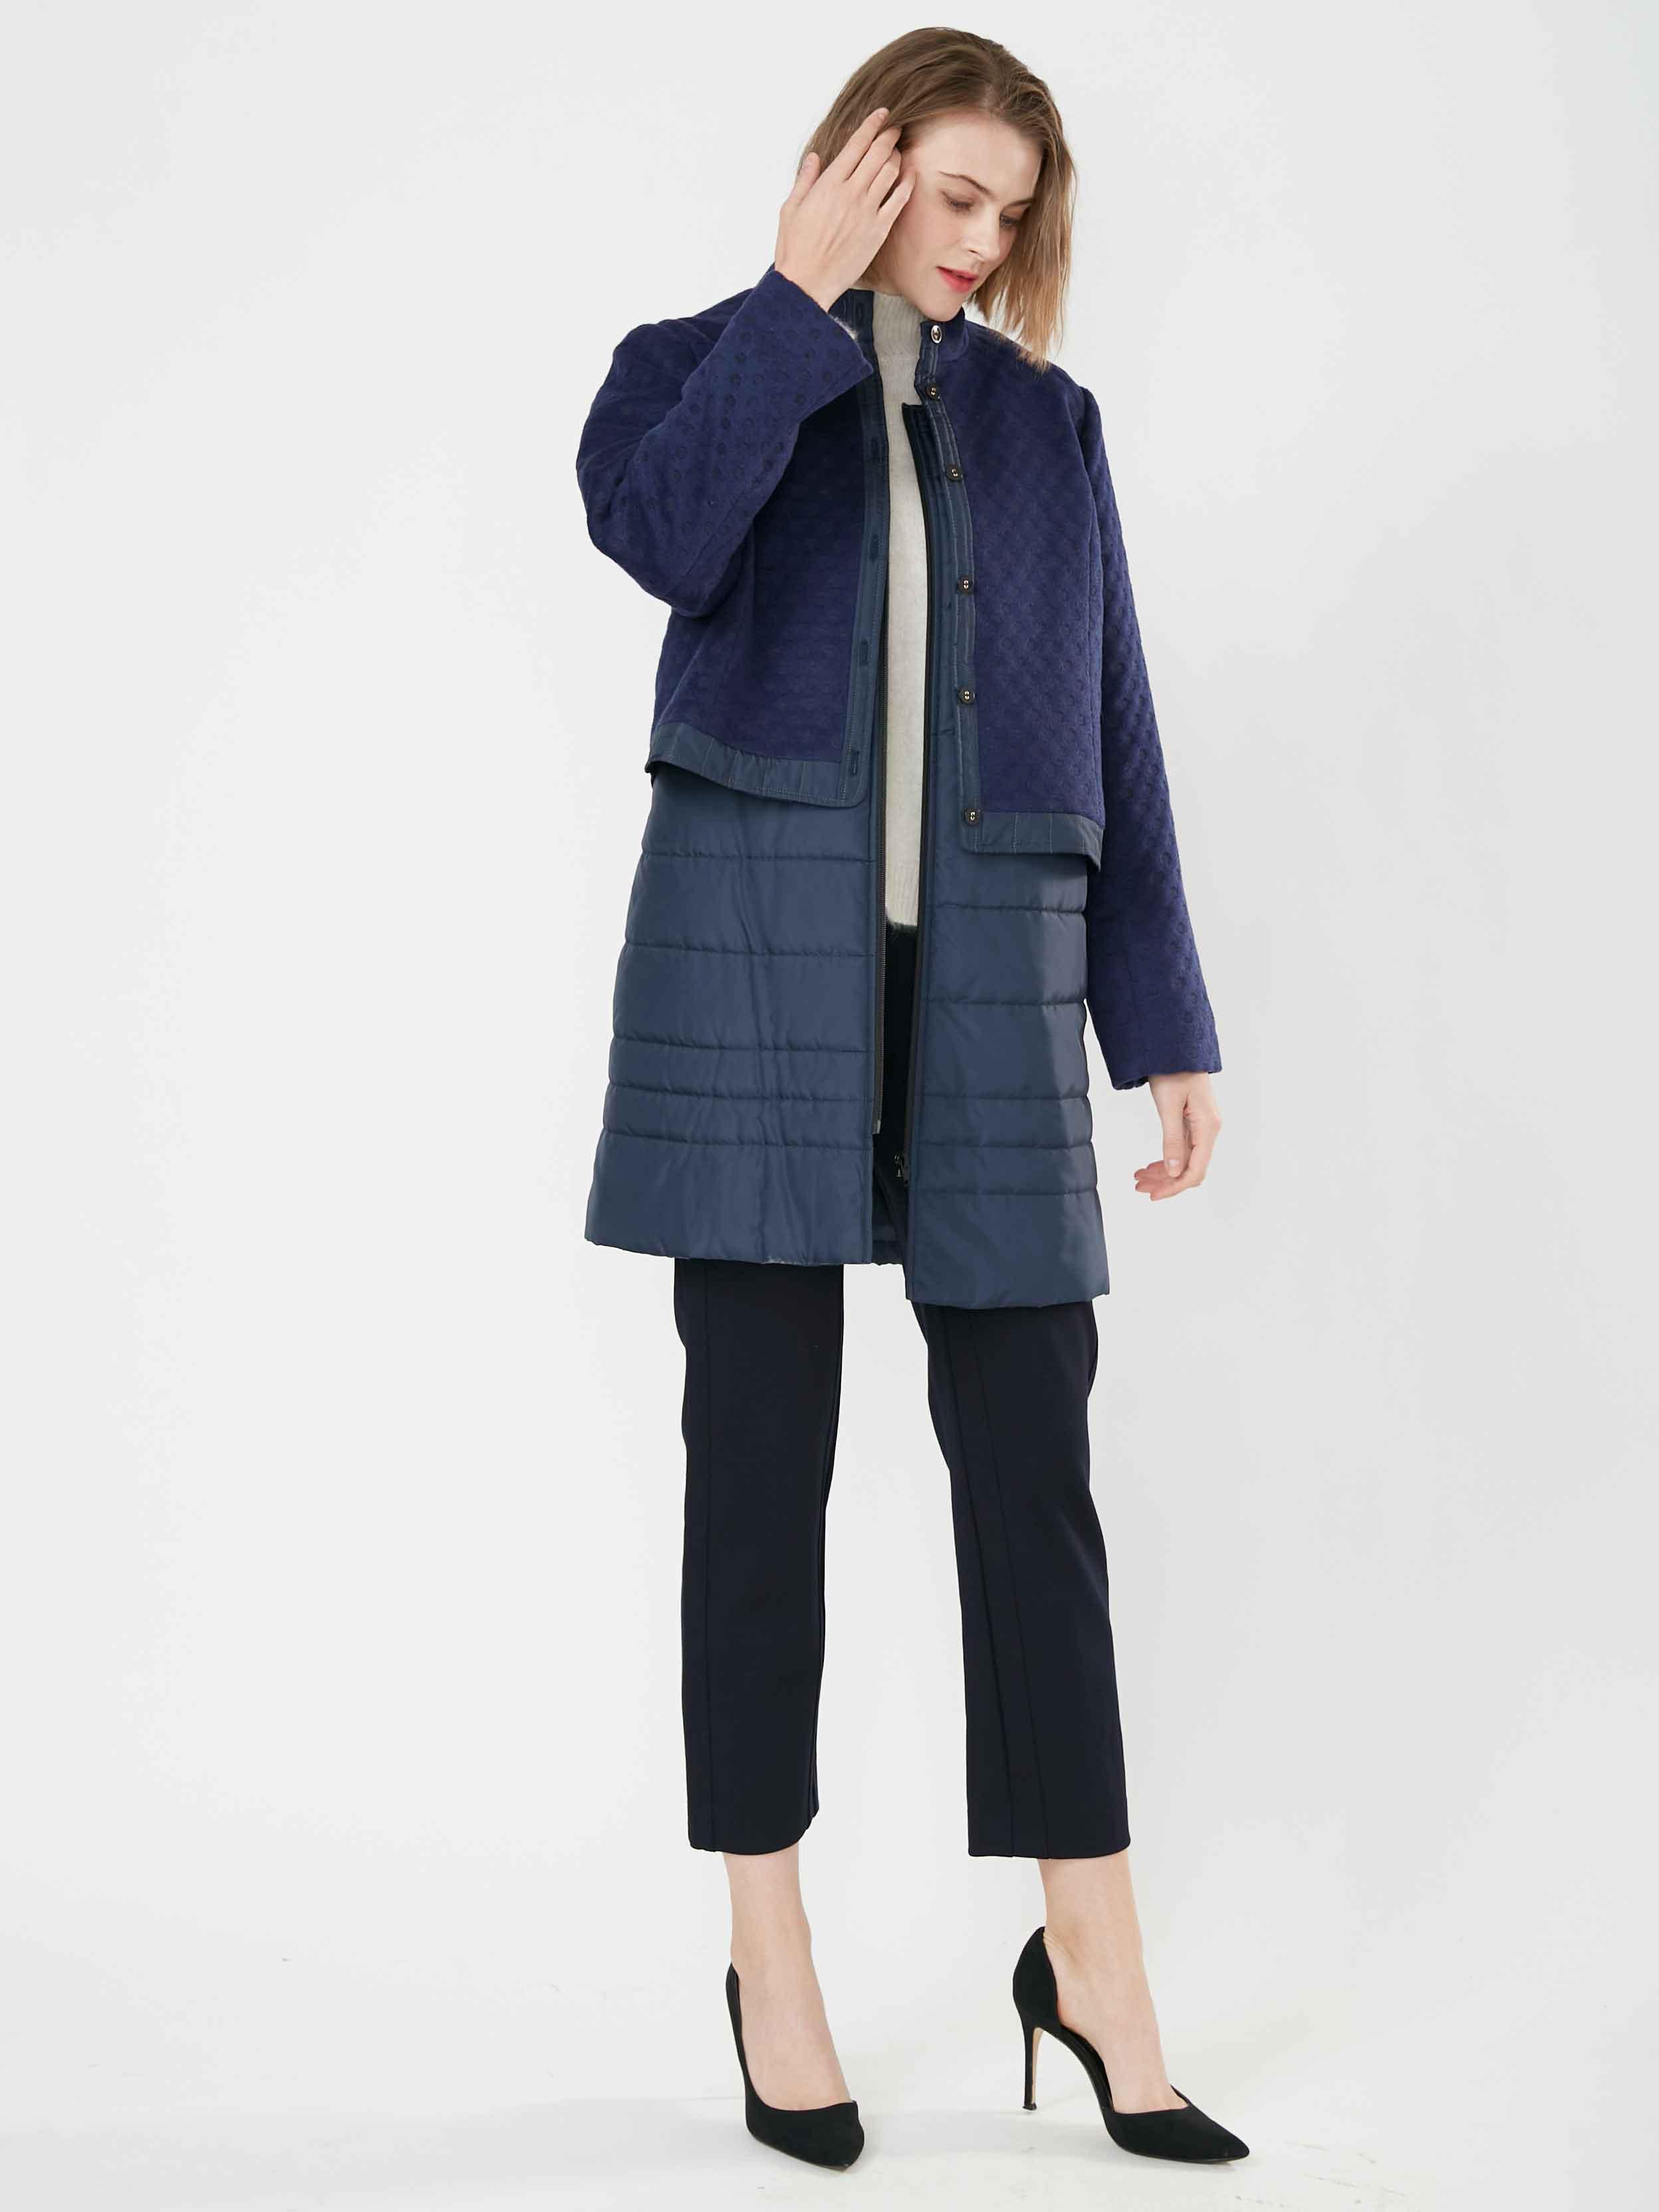 JIONE 時尚俏麗波爾卡圓點提花兩件式外套